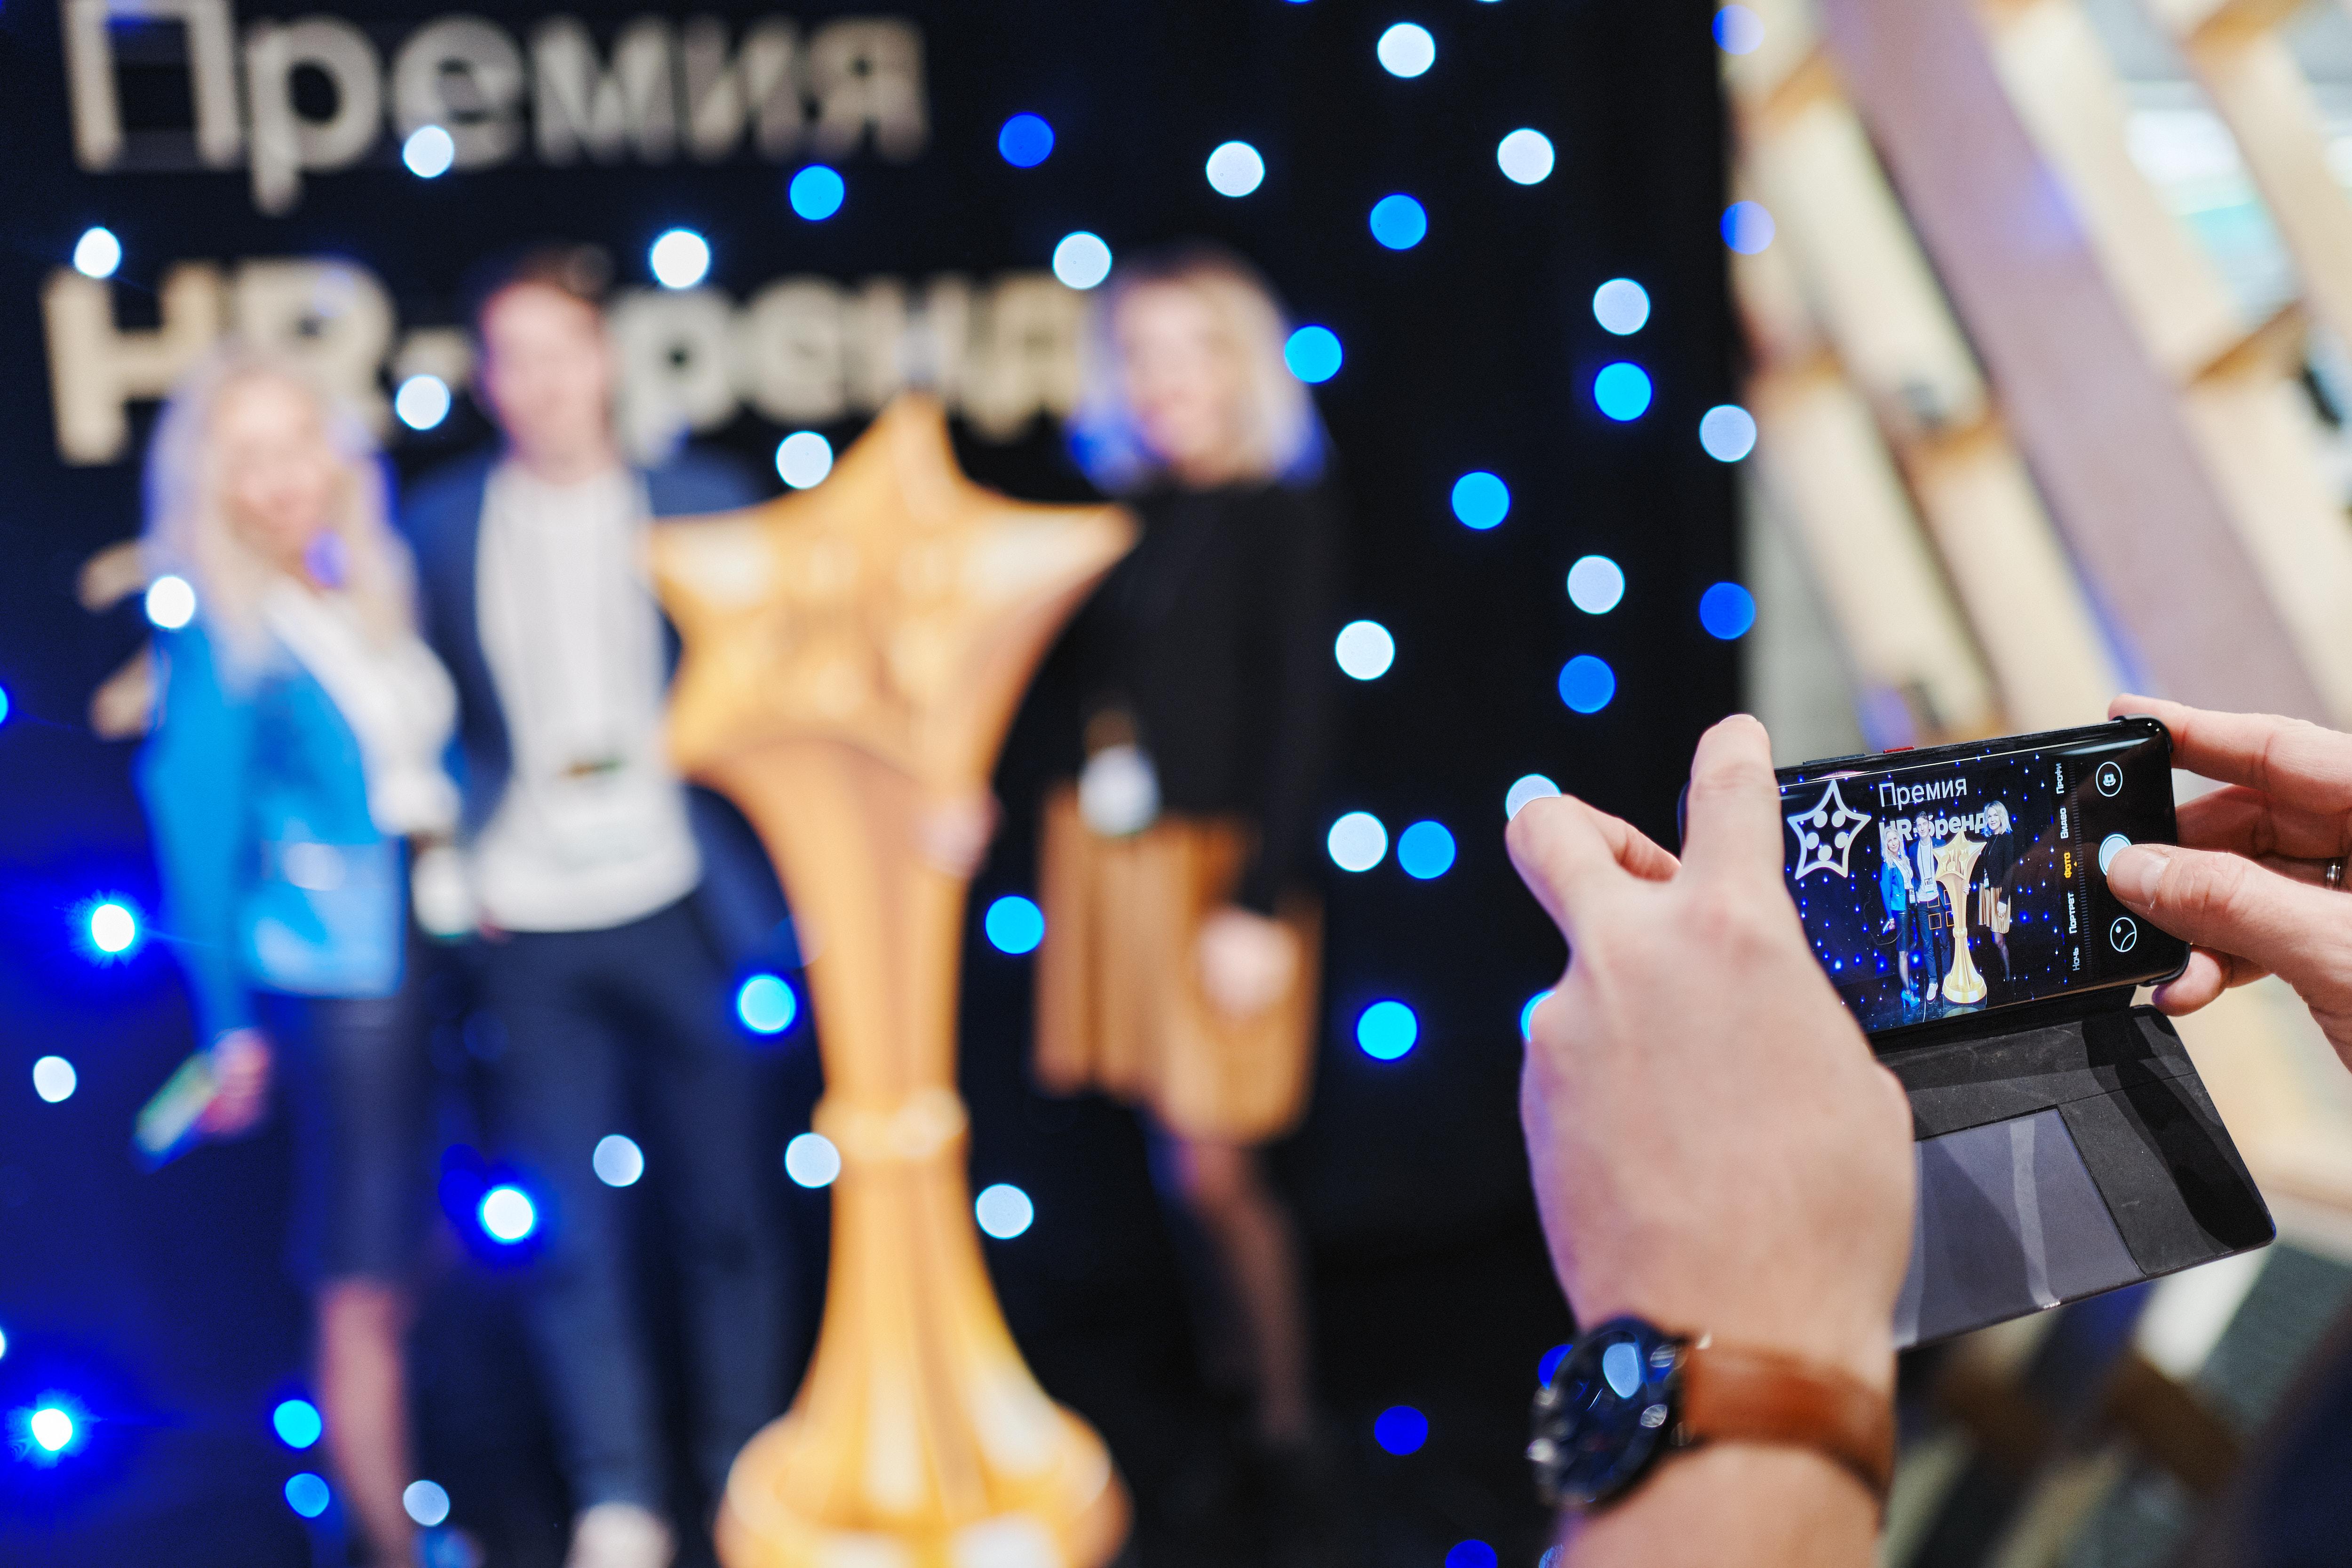 Лучшие корпоративные видео получили признание  на конкурсе «Премия HR-бренд 2019»